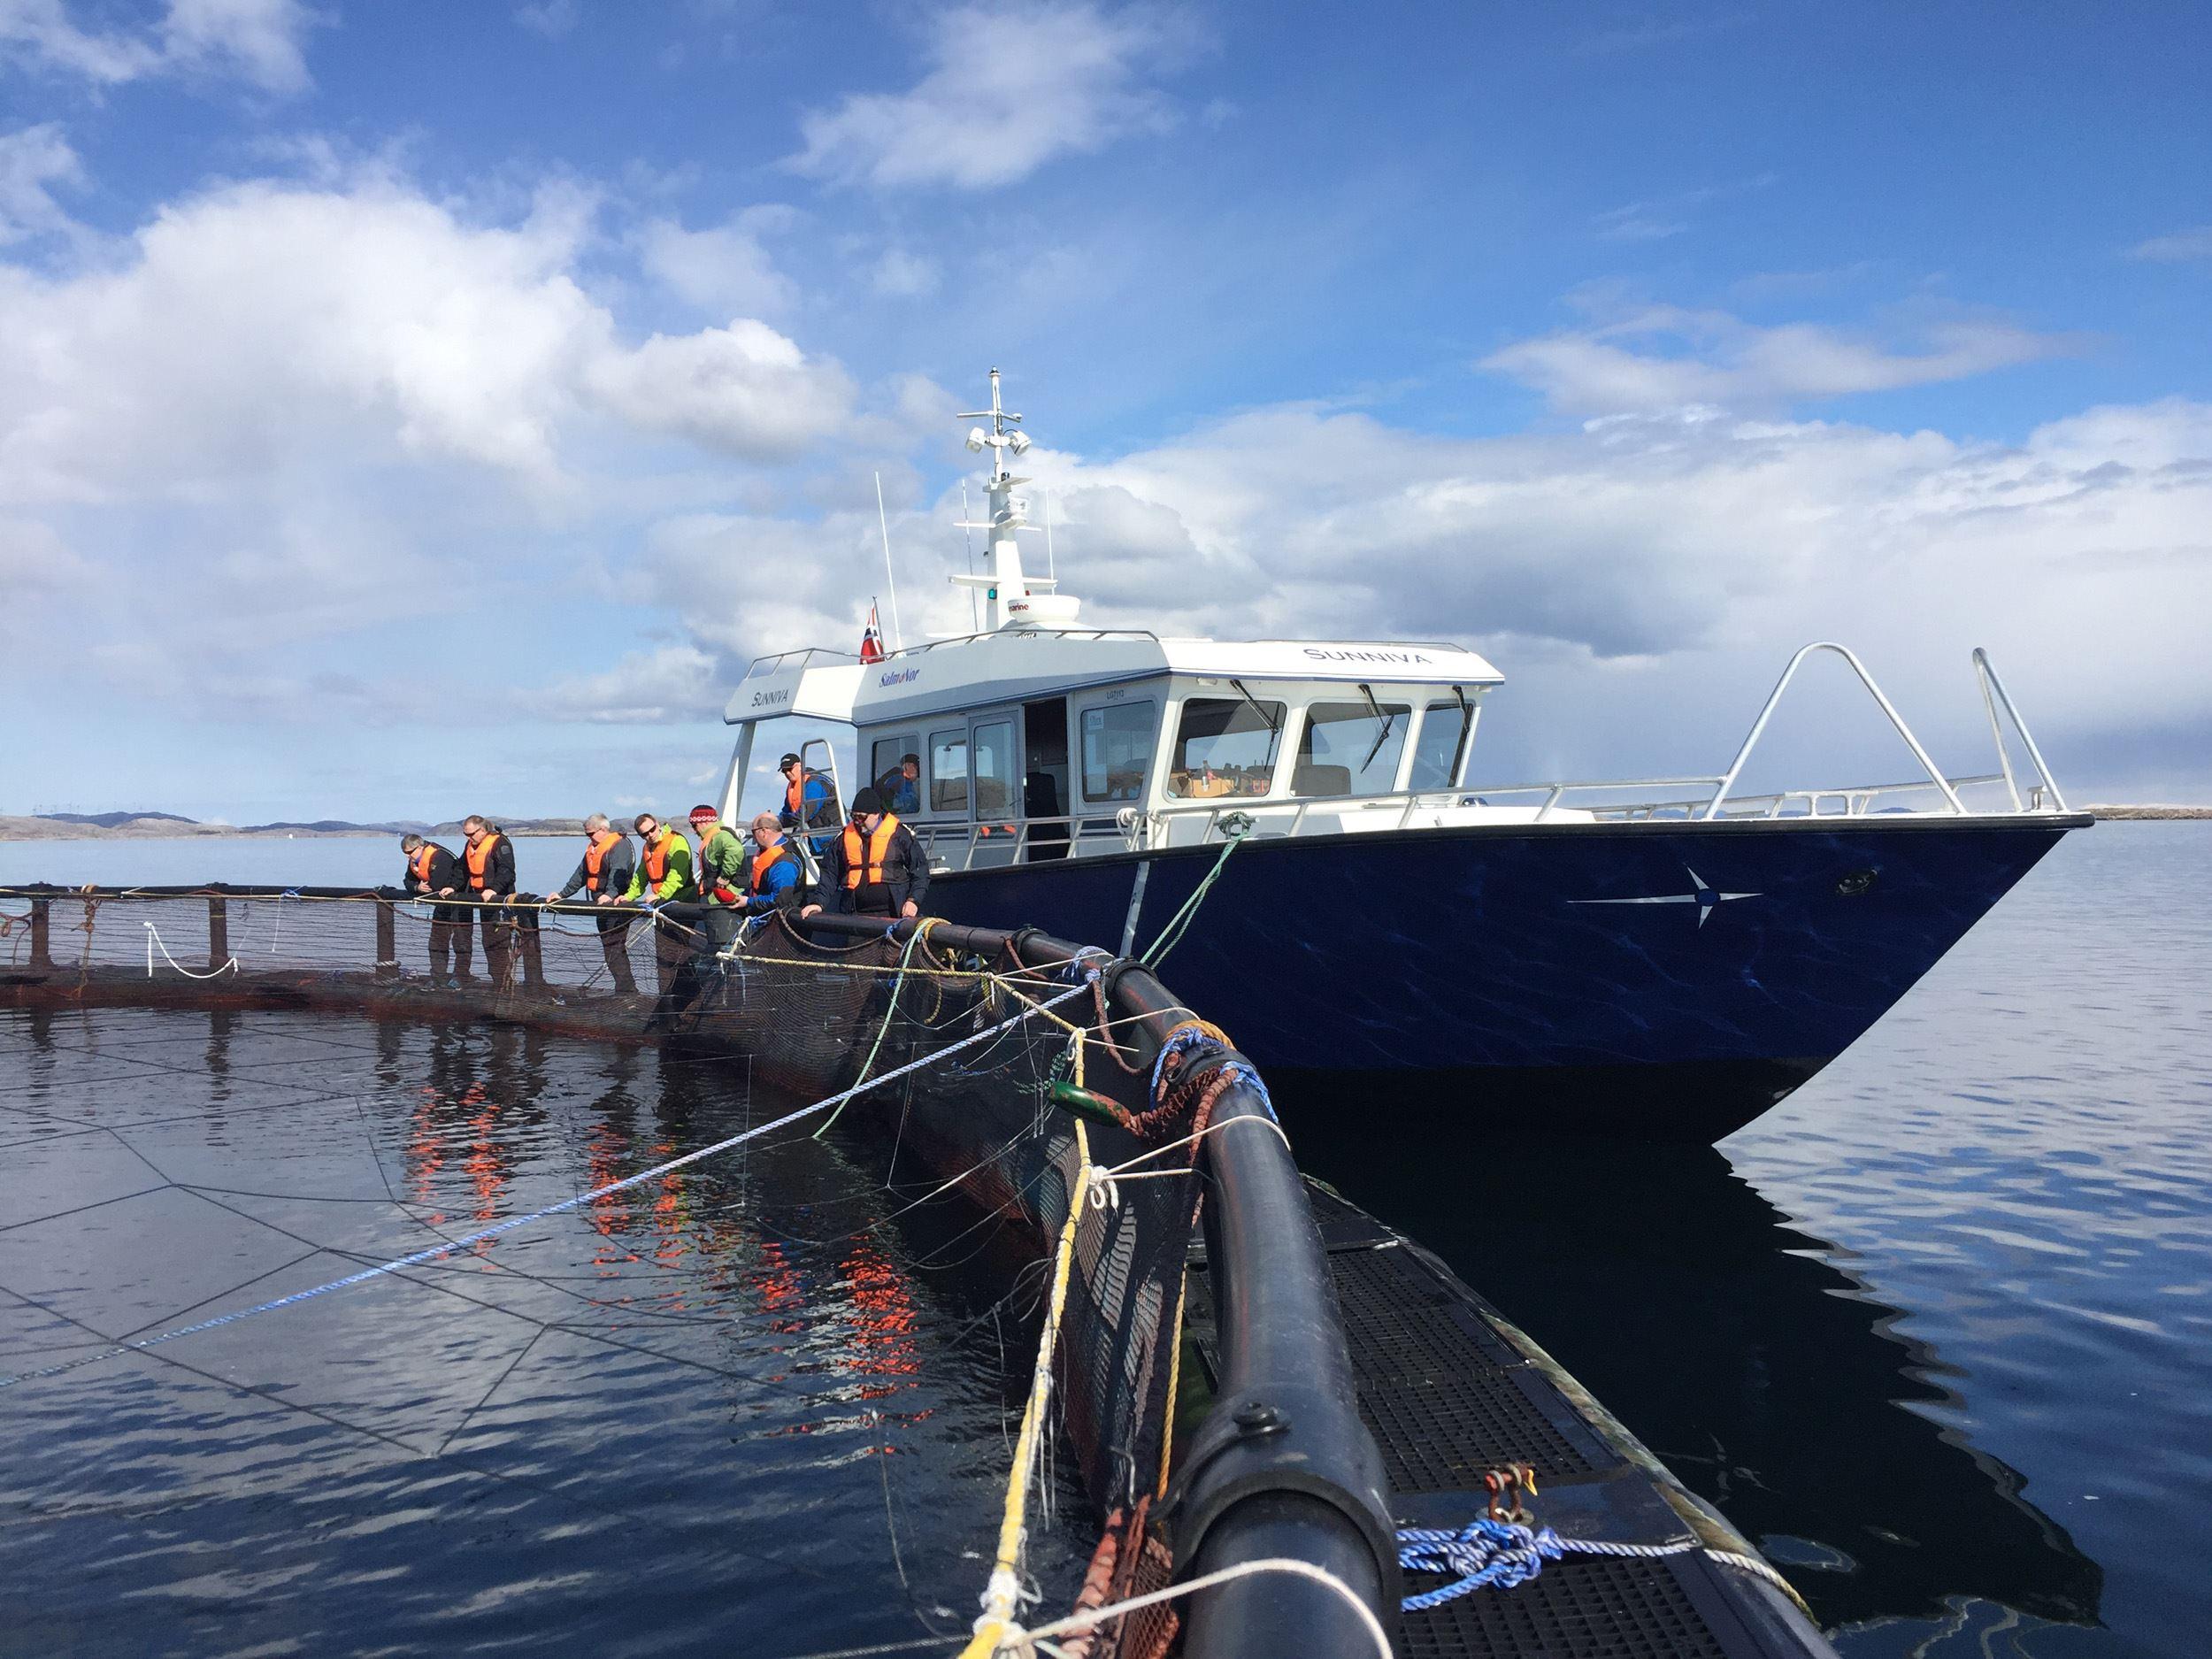 Opplev Sør - Gjæslingan og bli med på en unik tidsreise i sjømathistorien